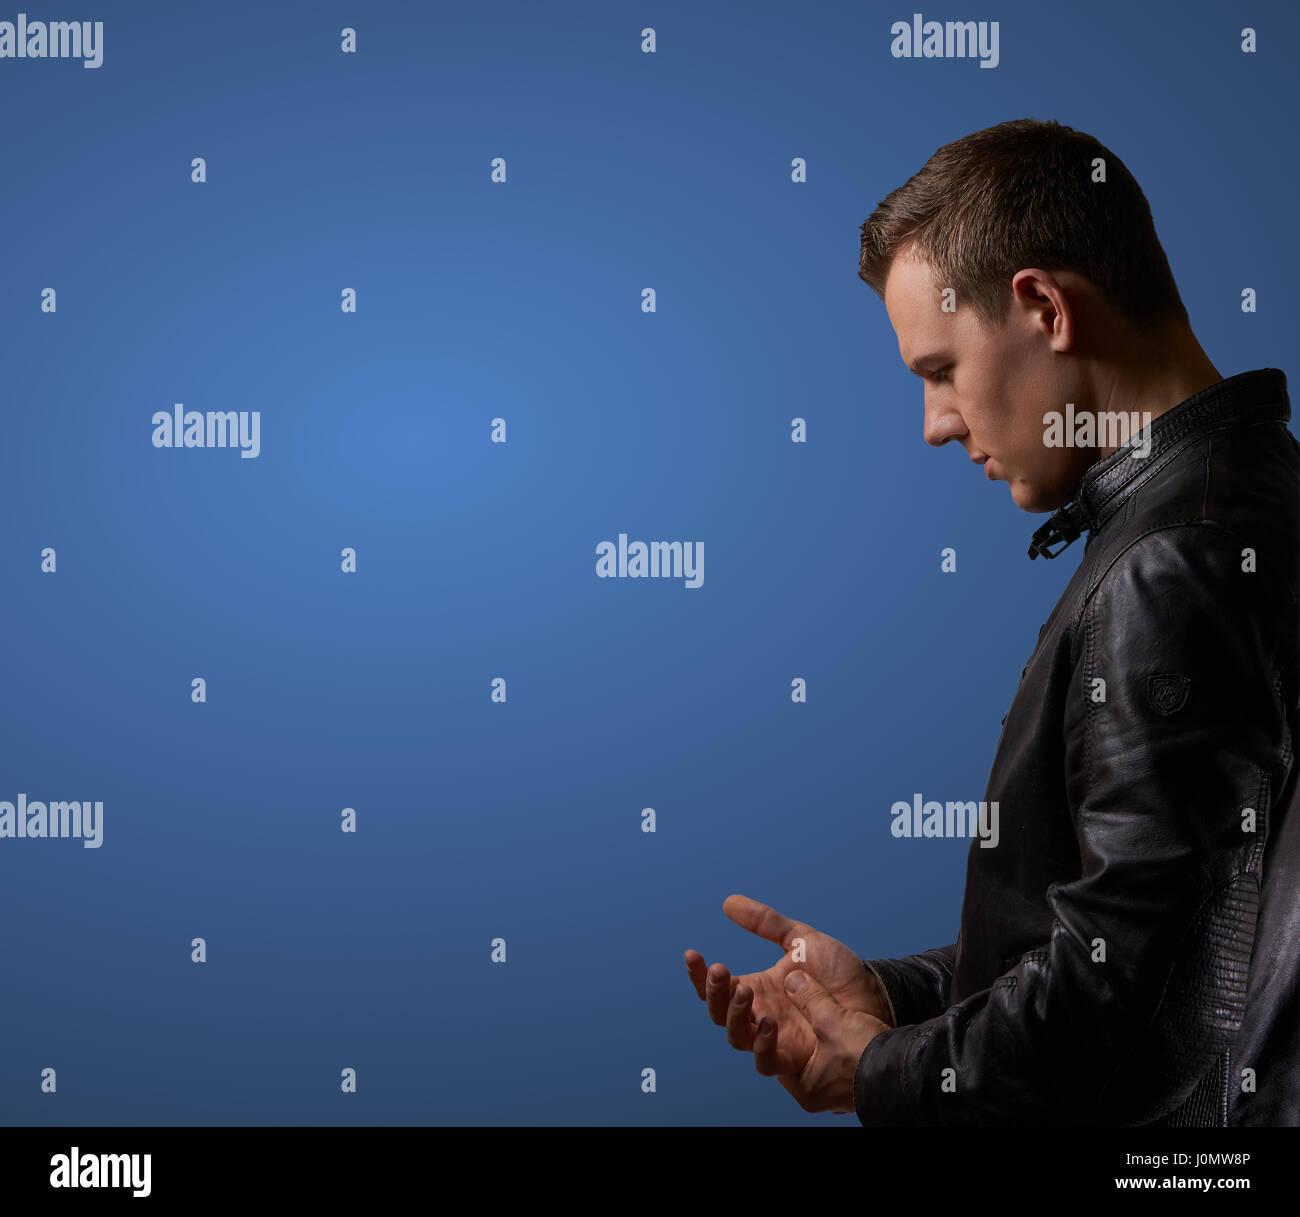 Profil von einem jungen Mann in Lederjacke, rieb seine Hand mit Exemplar erschossen Stockbild